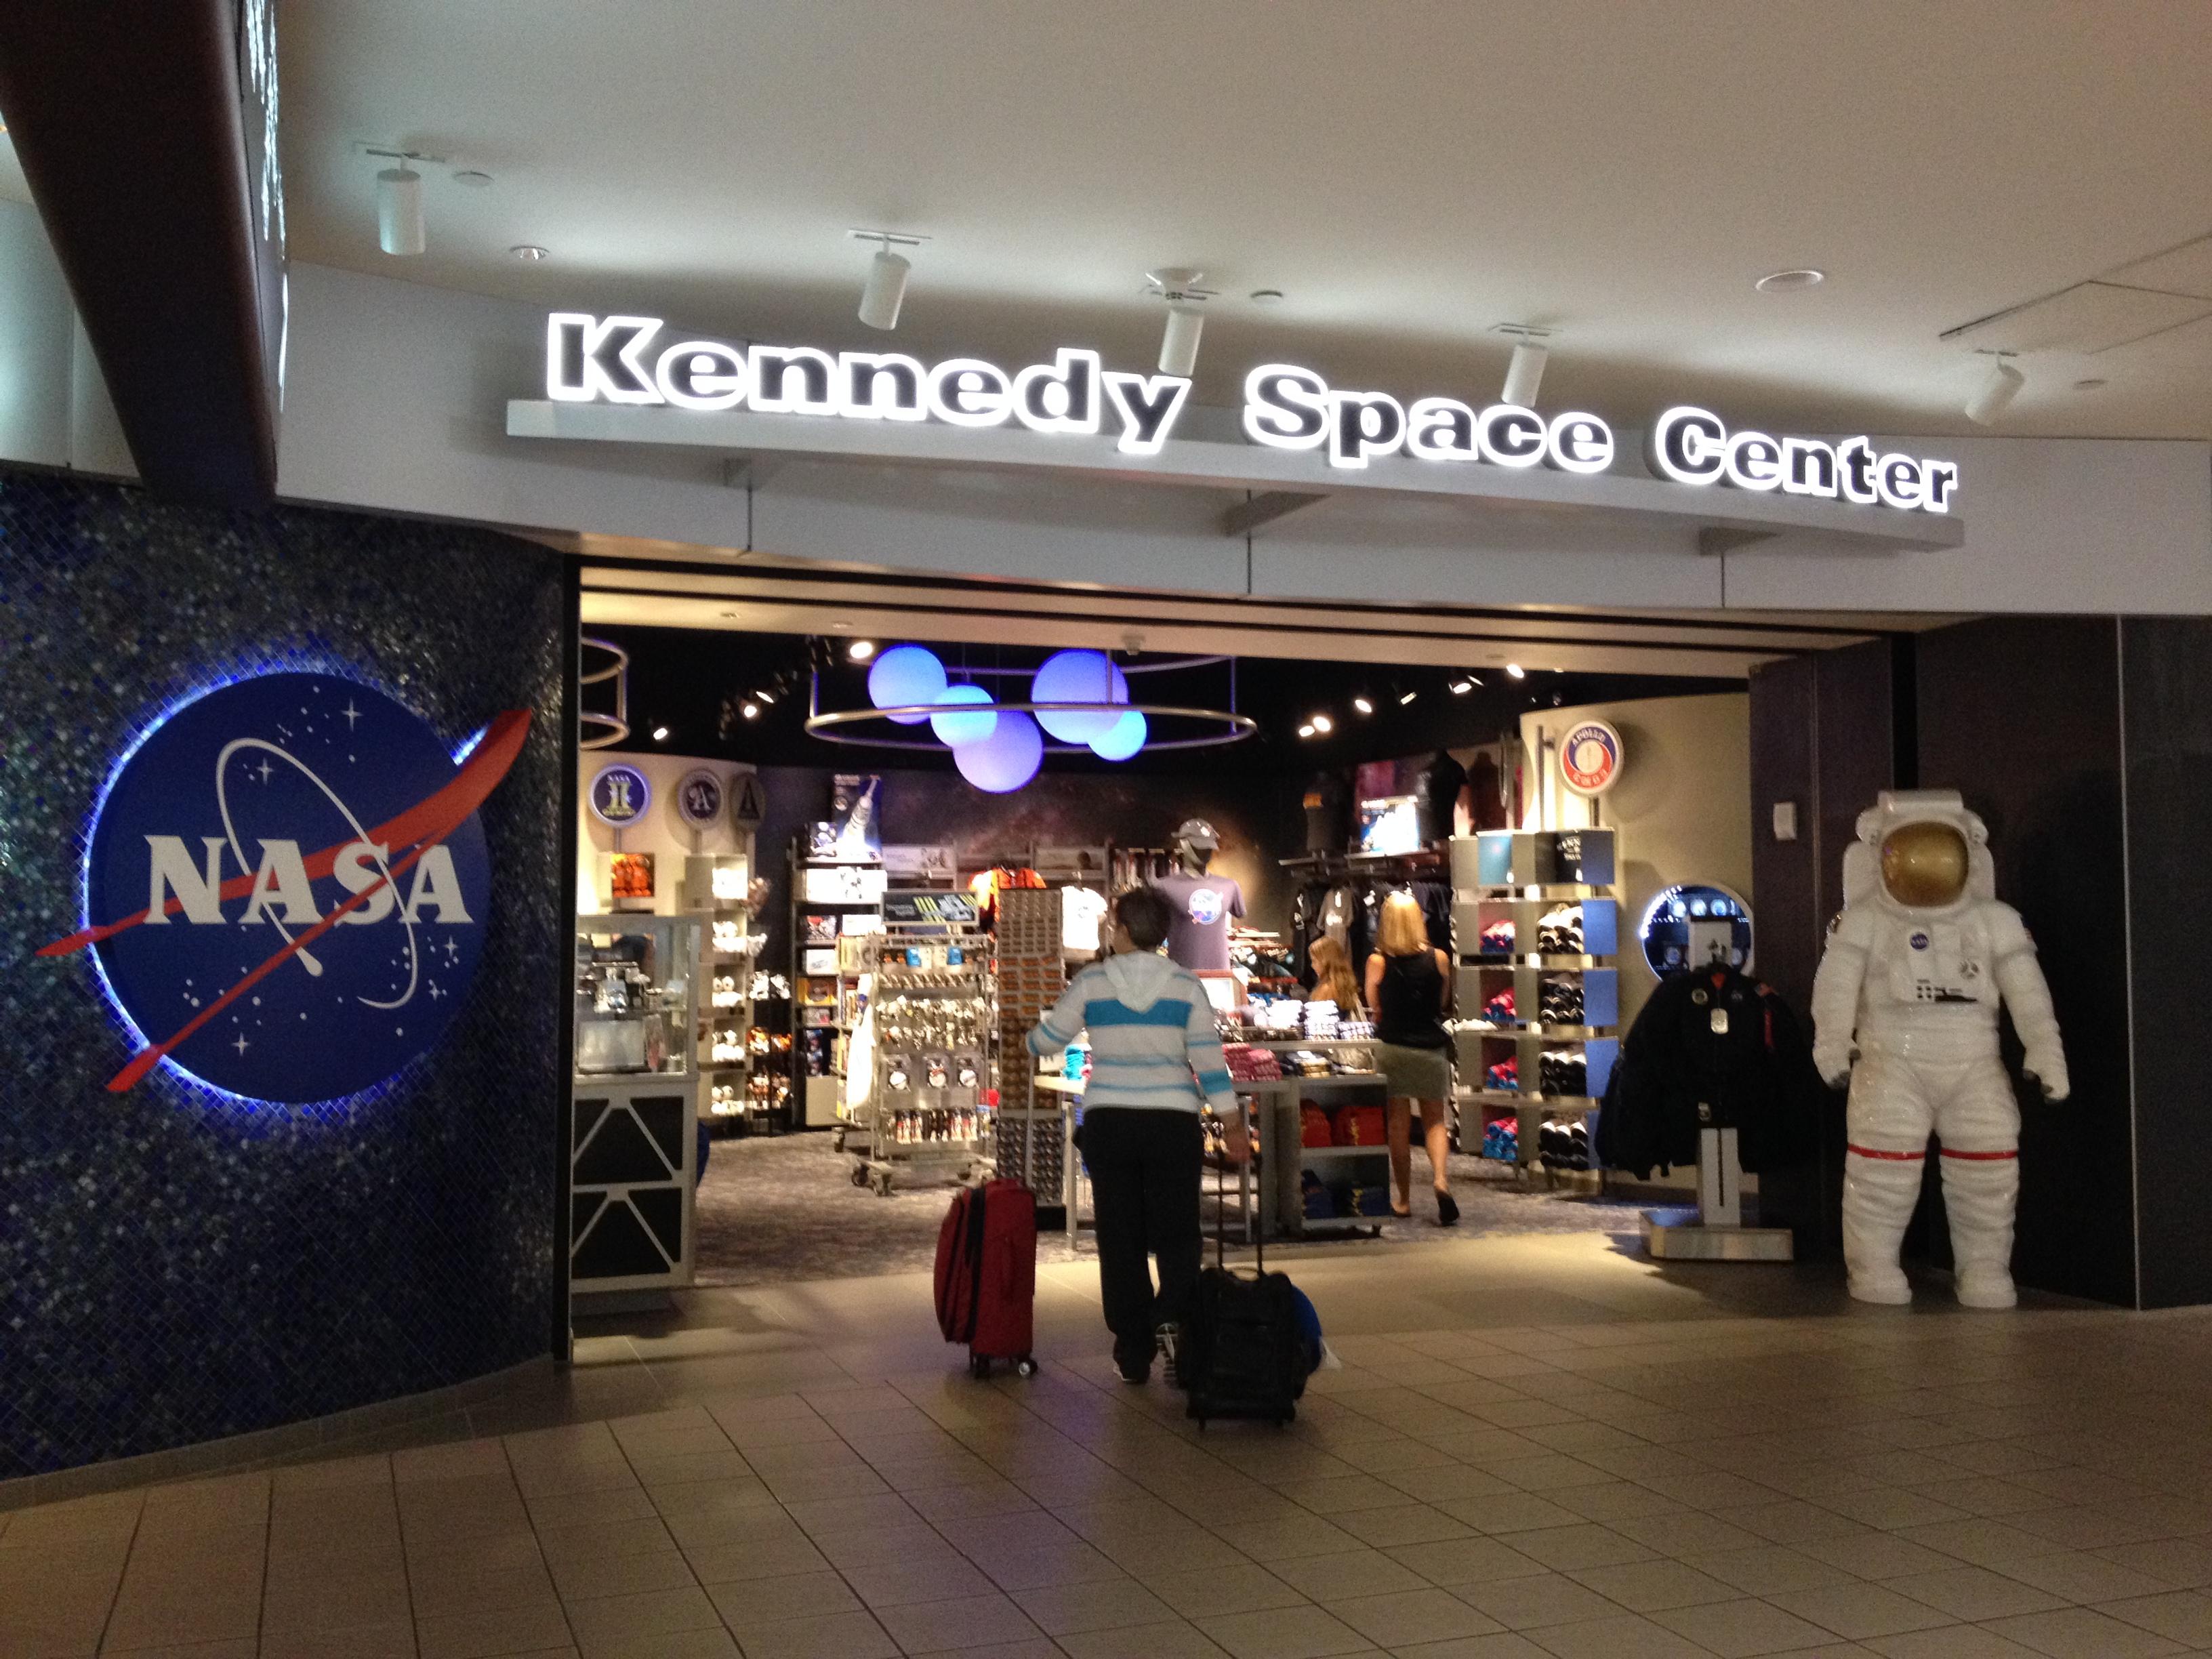 nasa merchandise store - photo #14